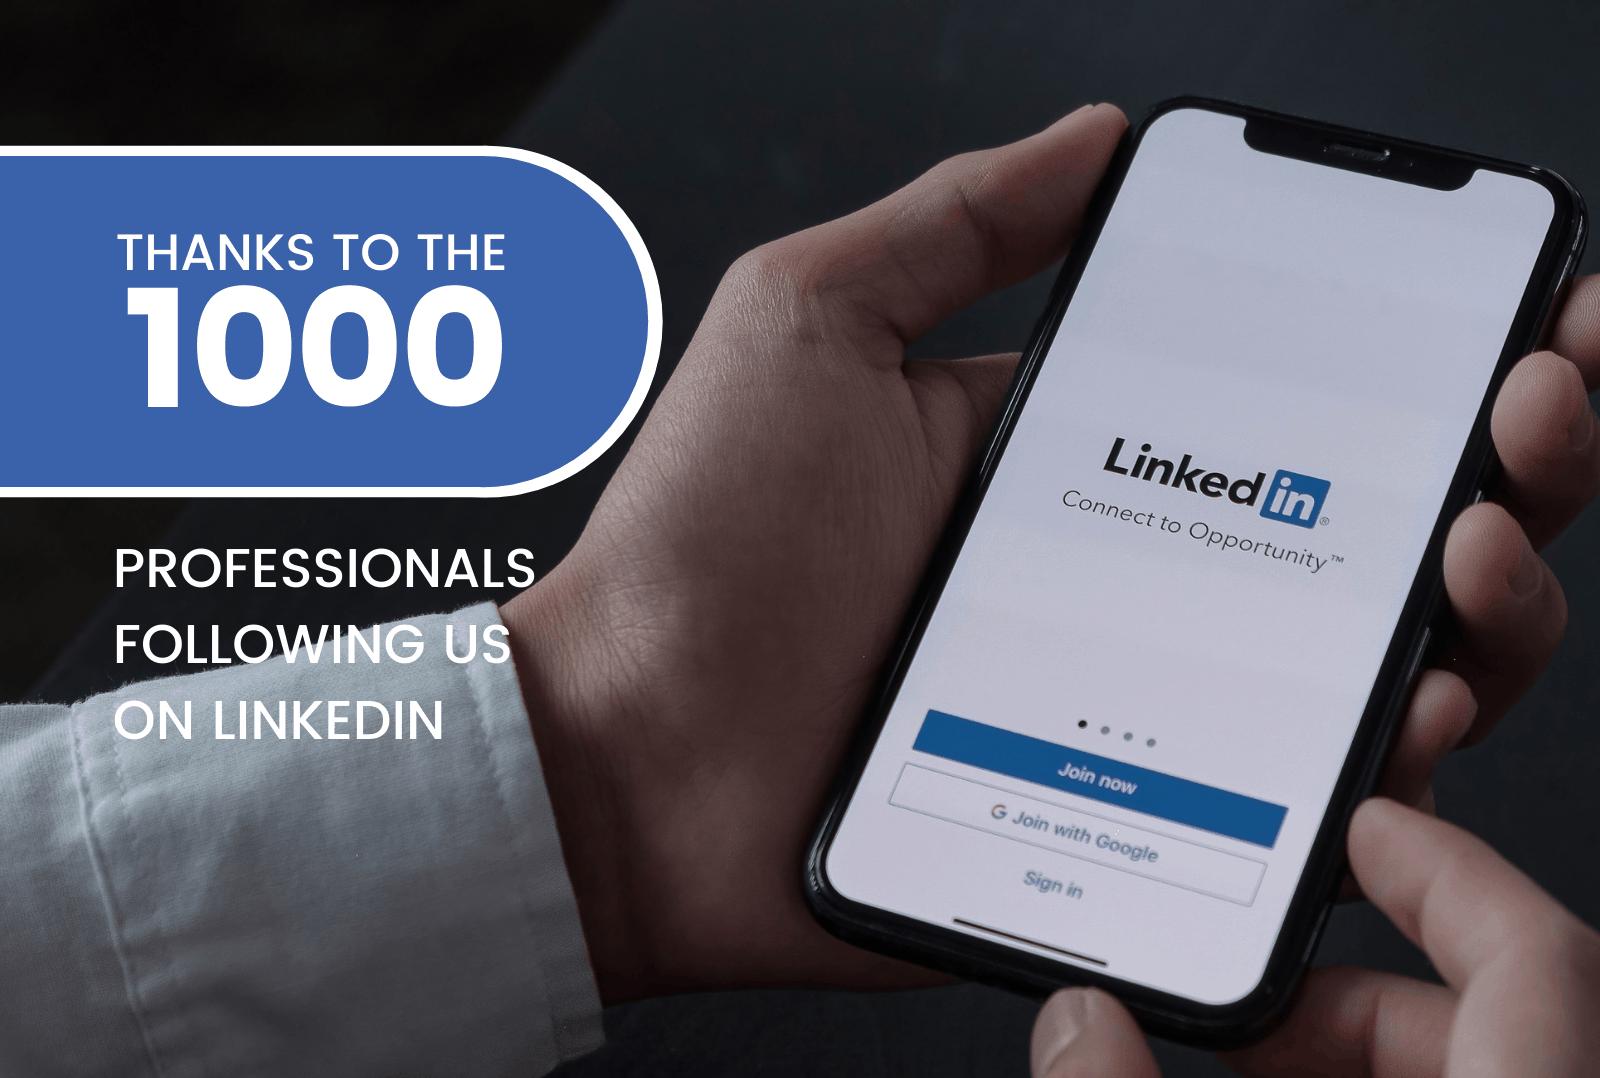 grazie ai 1000 professionisti che ci seguono su Linkedin